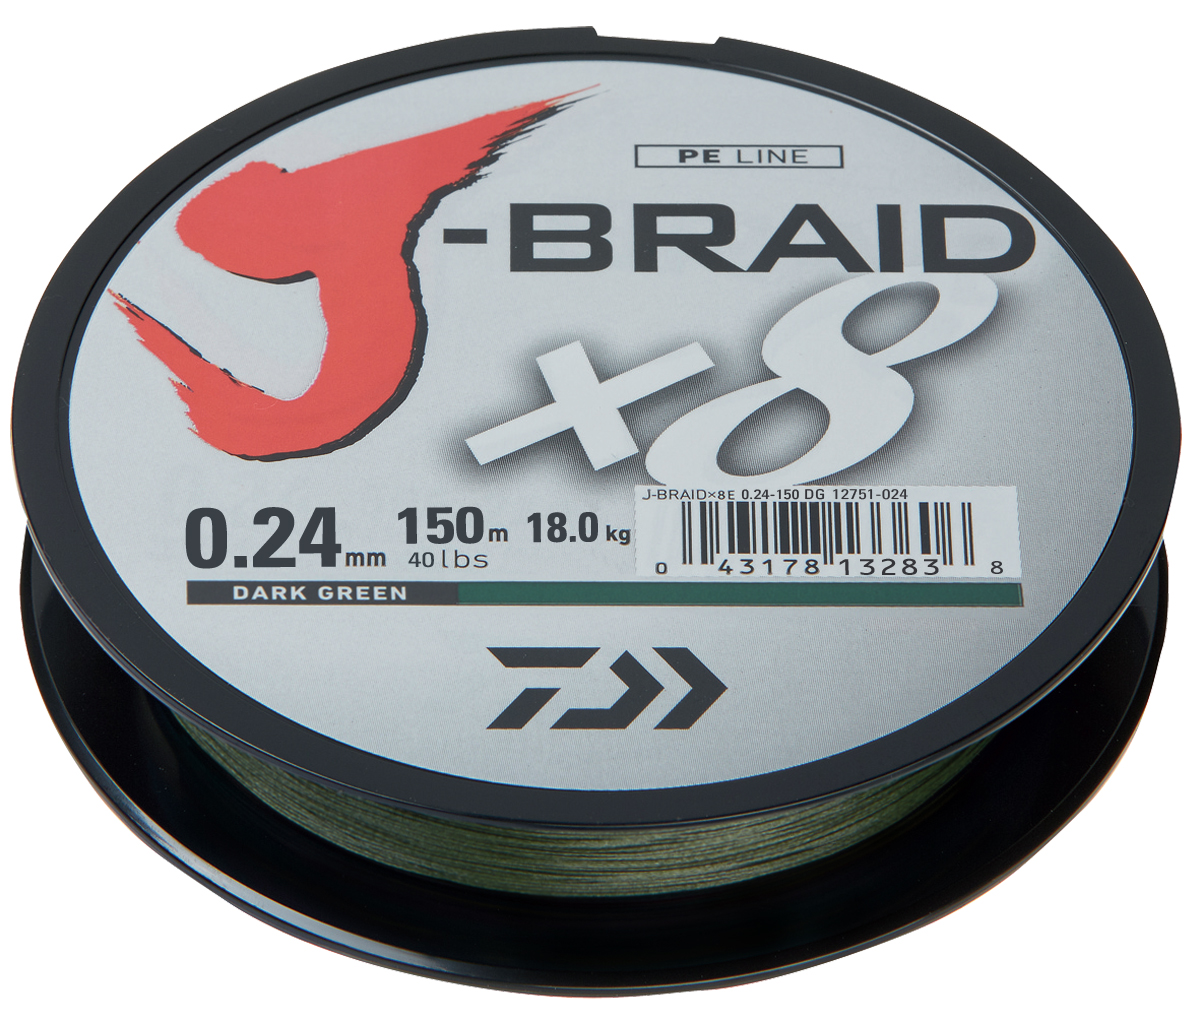 Фото - Шнур плетеный Daiwa J-Braid X8, цвет: зеленый, 150 м, 0,24 мм шнур плетеный daiwa j braid x8 цвет мультиколор 150 м 0 16 мм